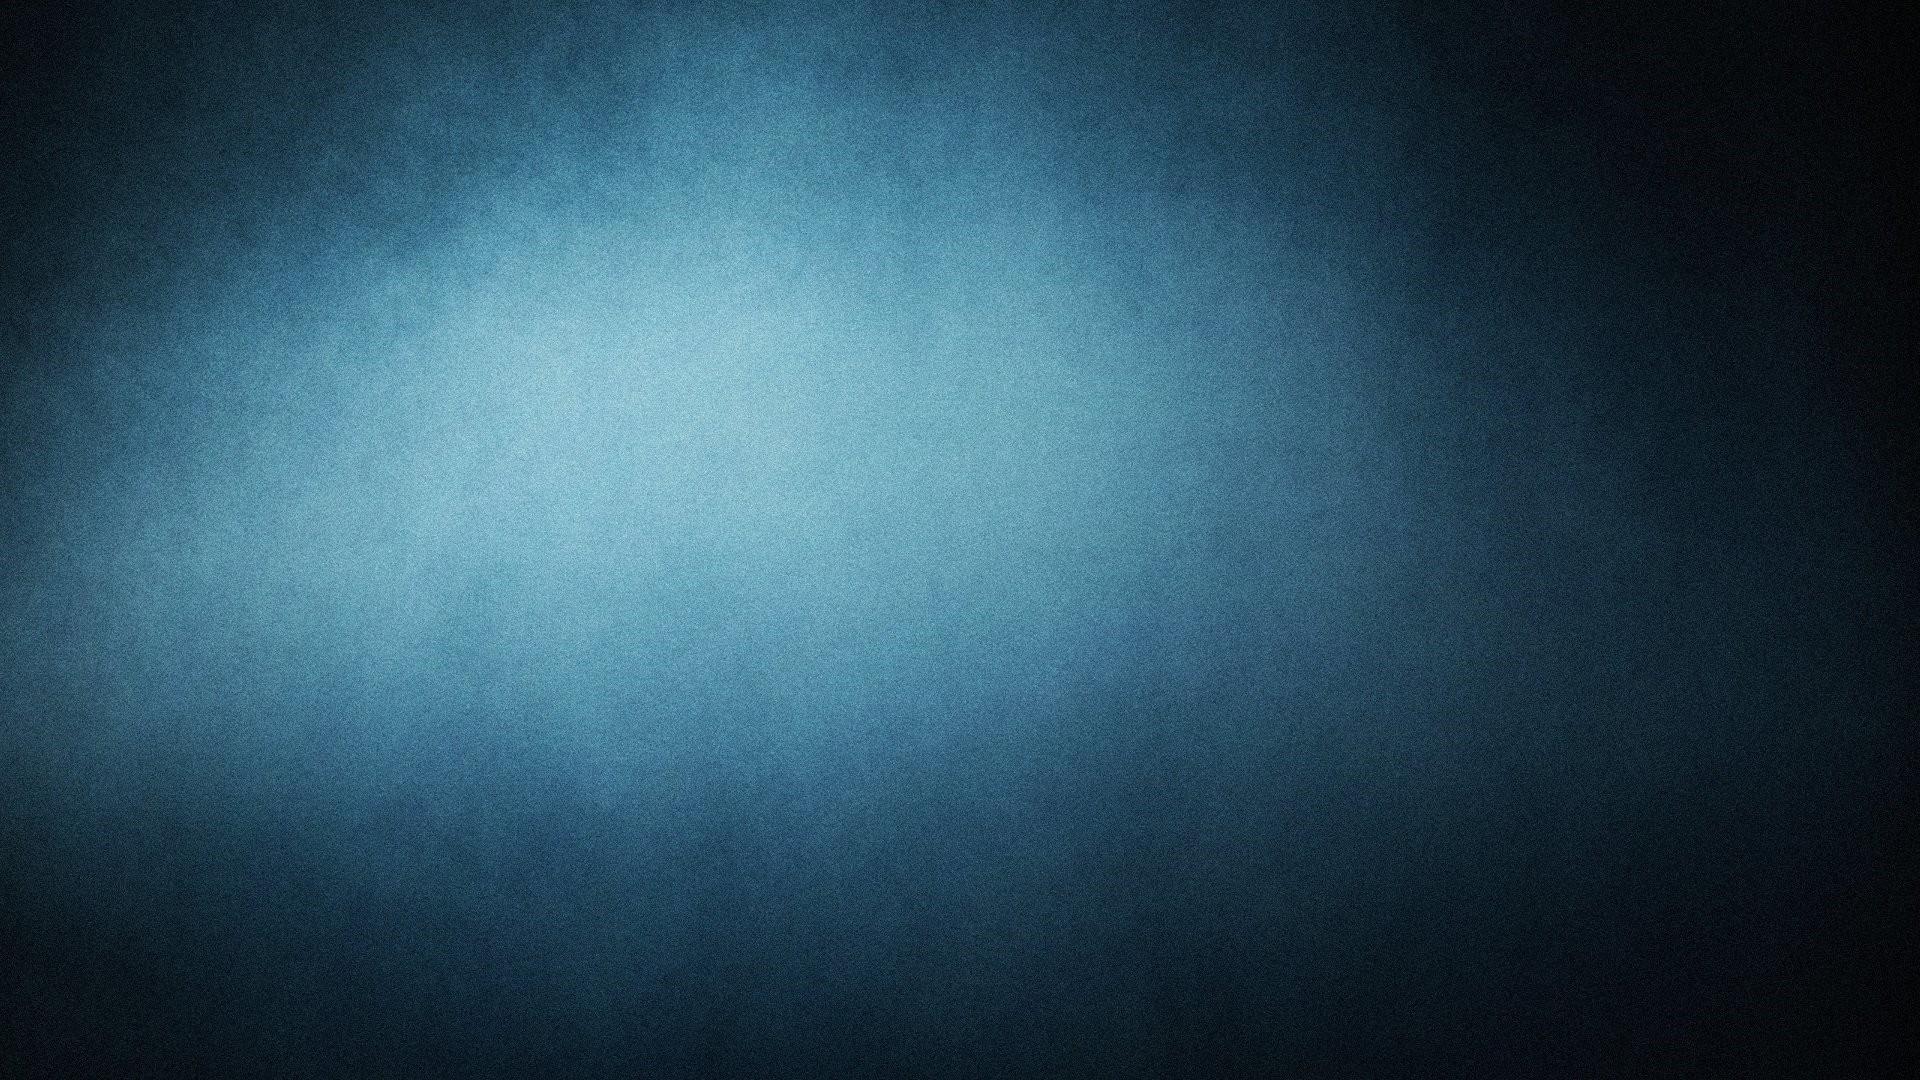 Plain Blue computer wallpaper